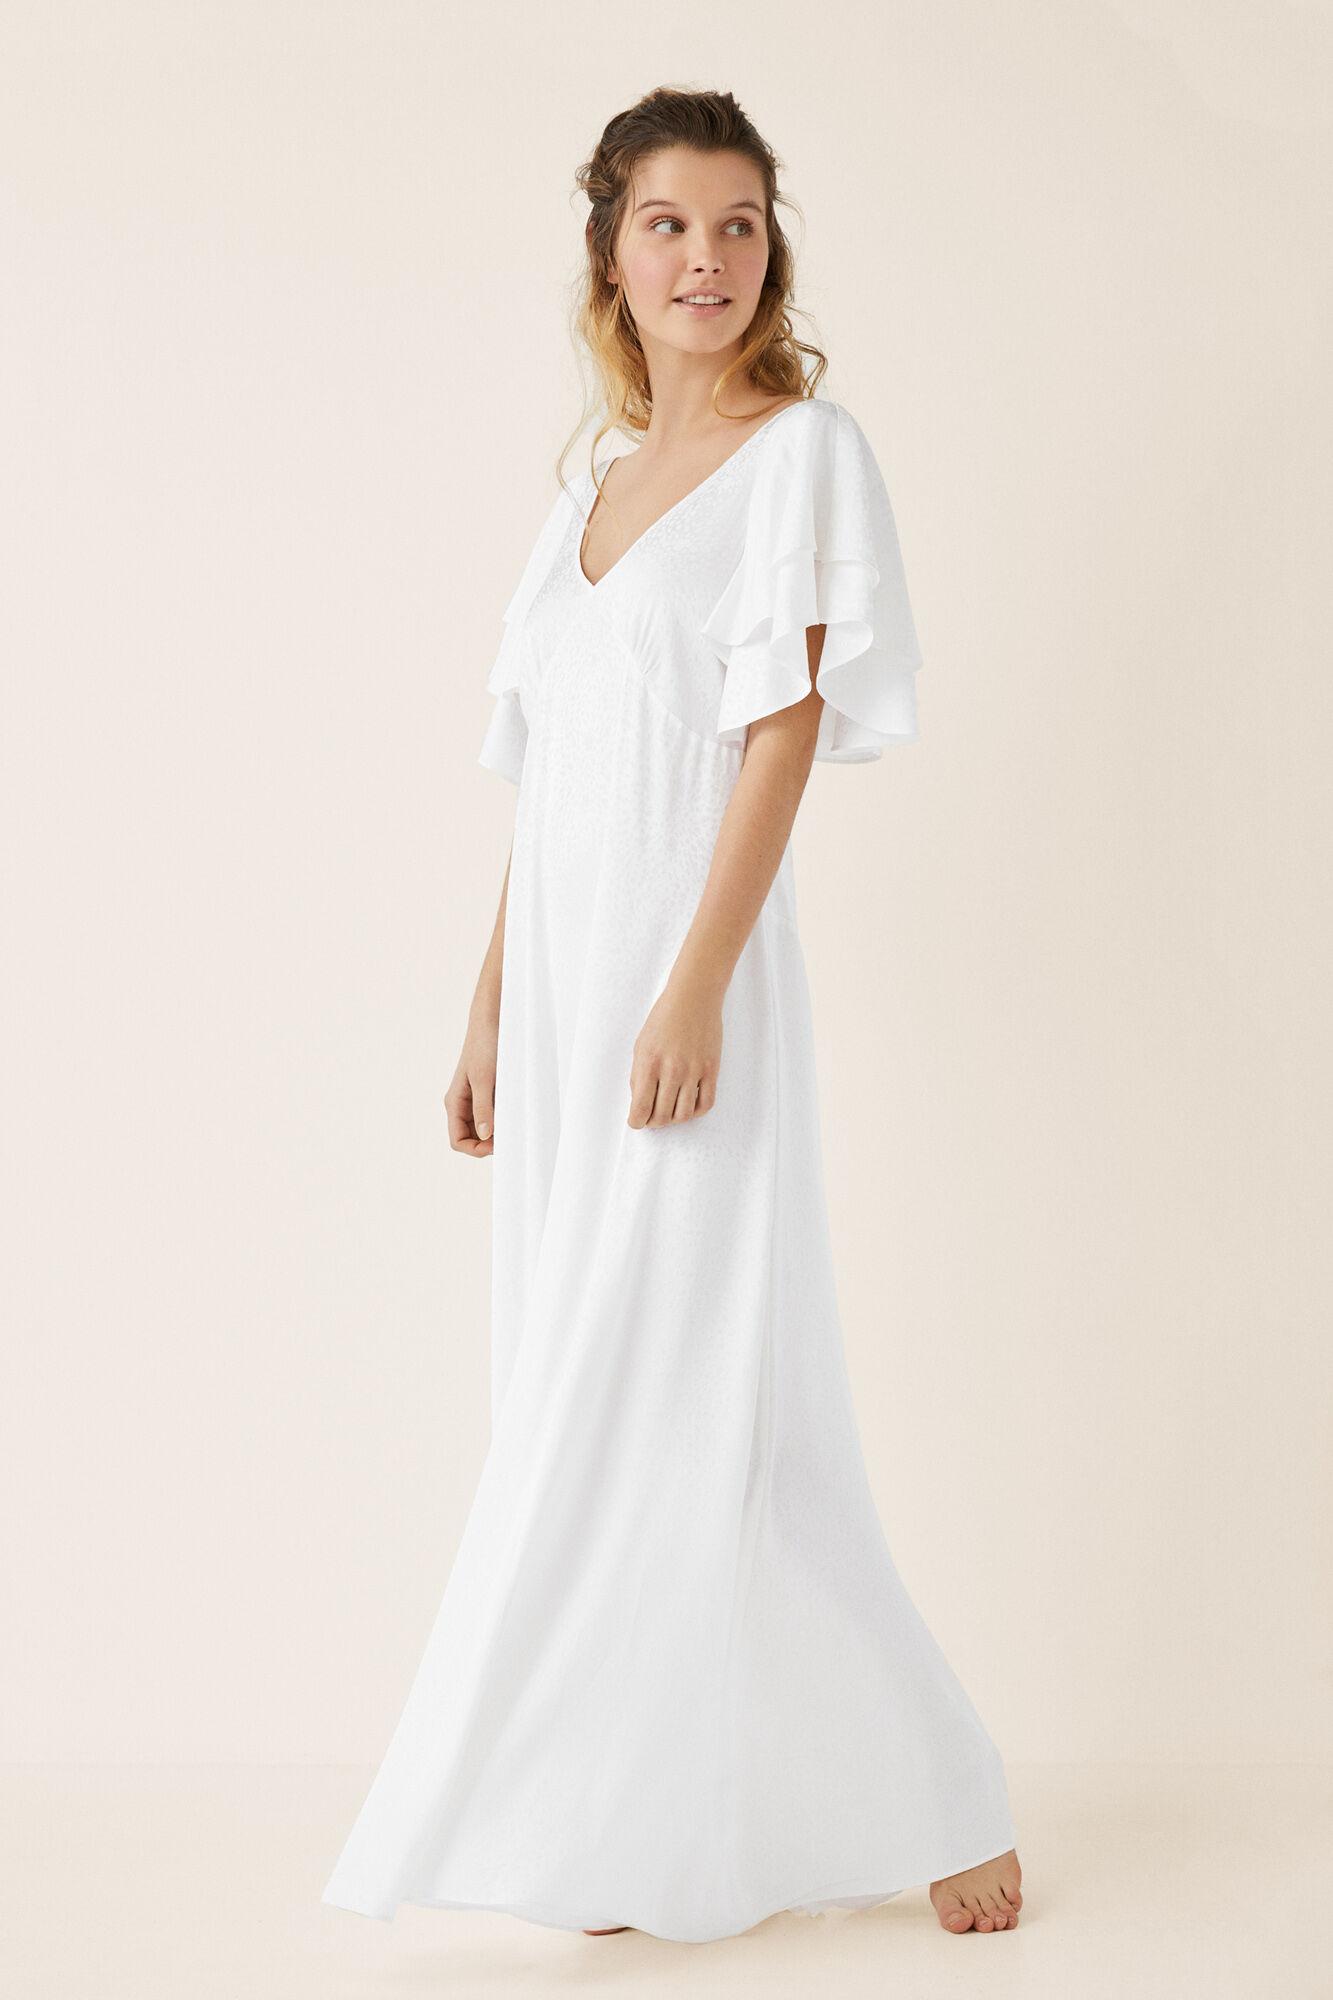 Vestido Volantes Con Con Largo Blanco Vestido Blanco Largo Volantes 5q4ARcL3j